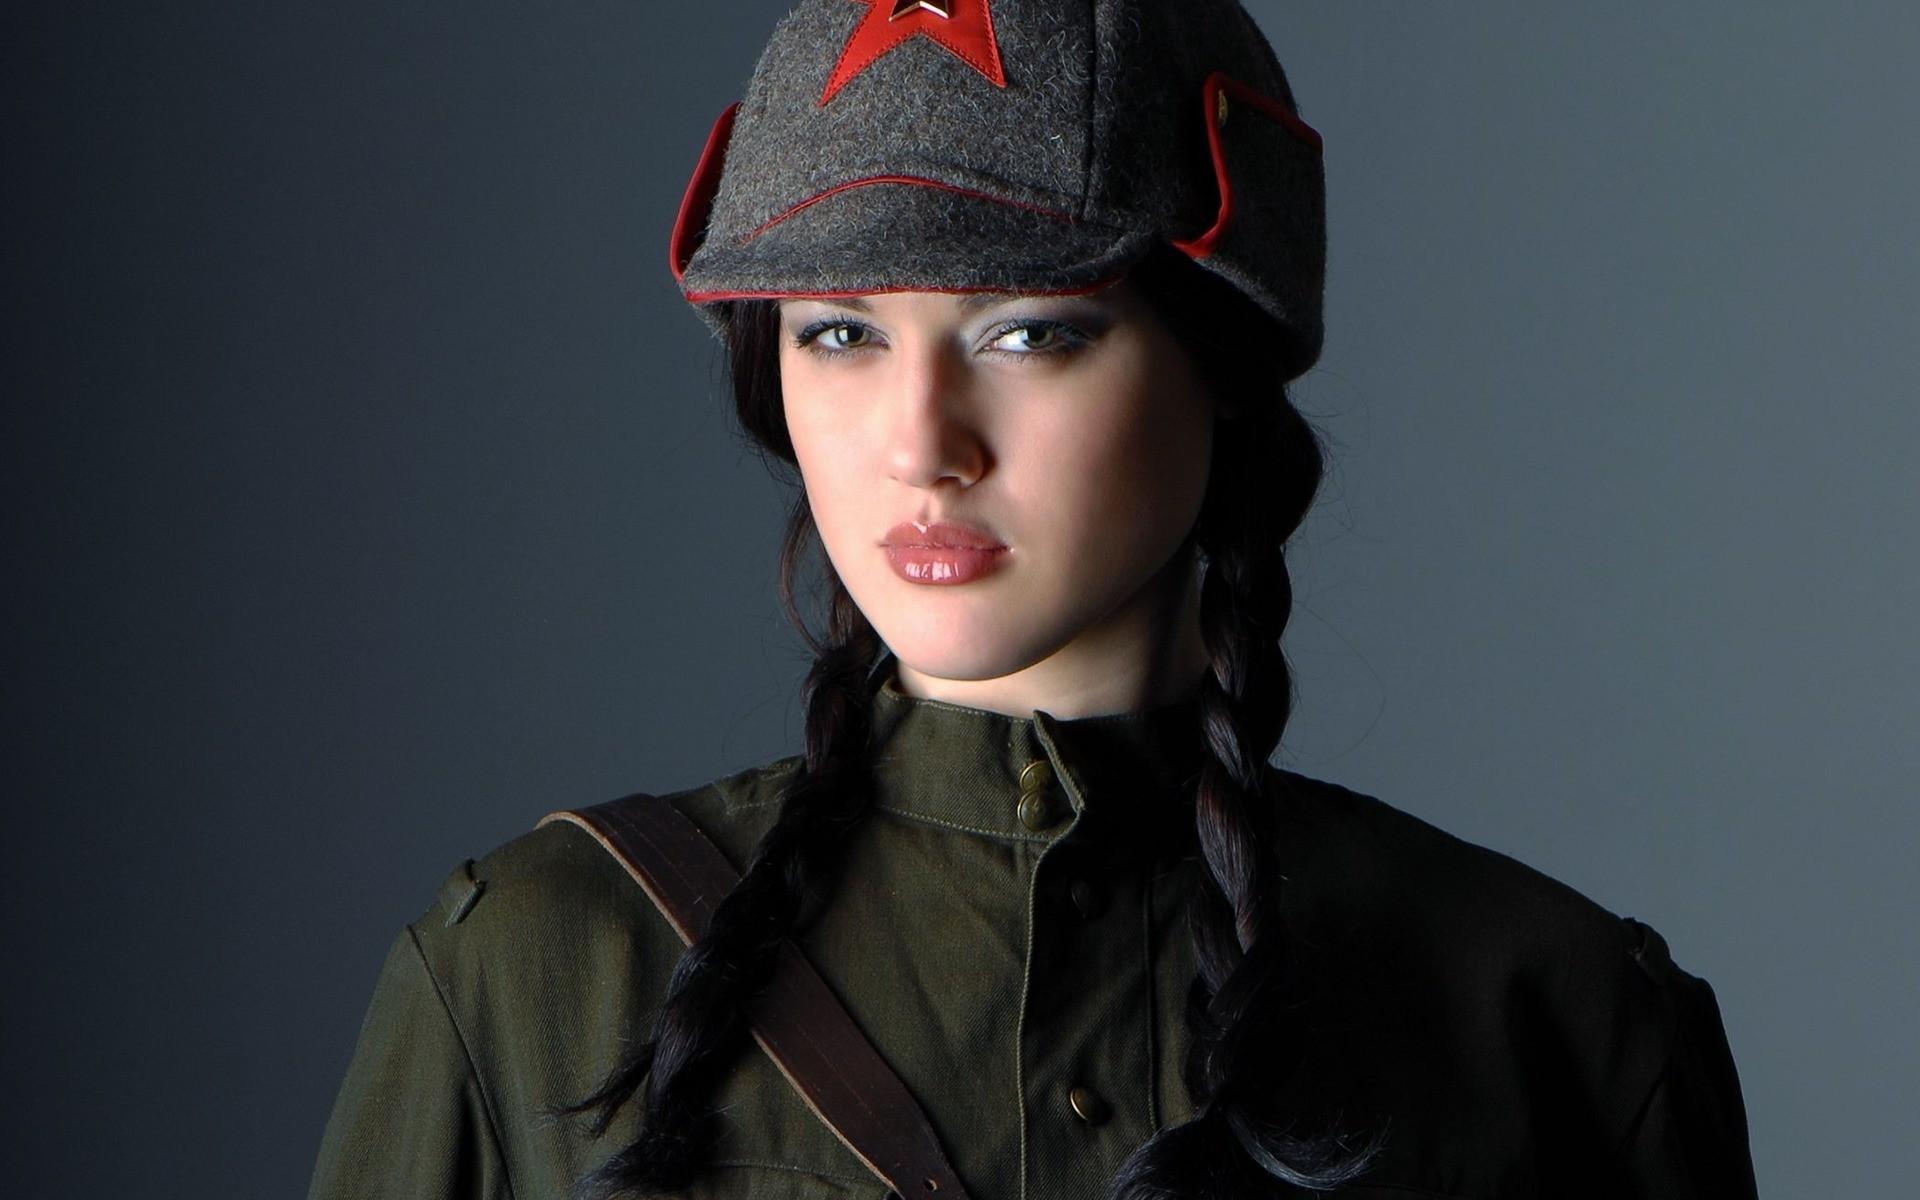 Una linda soldado - 1920x1200